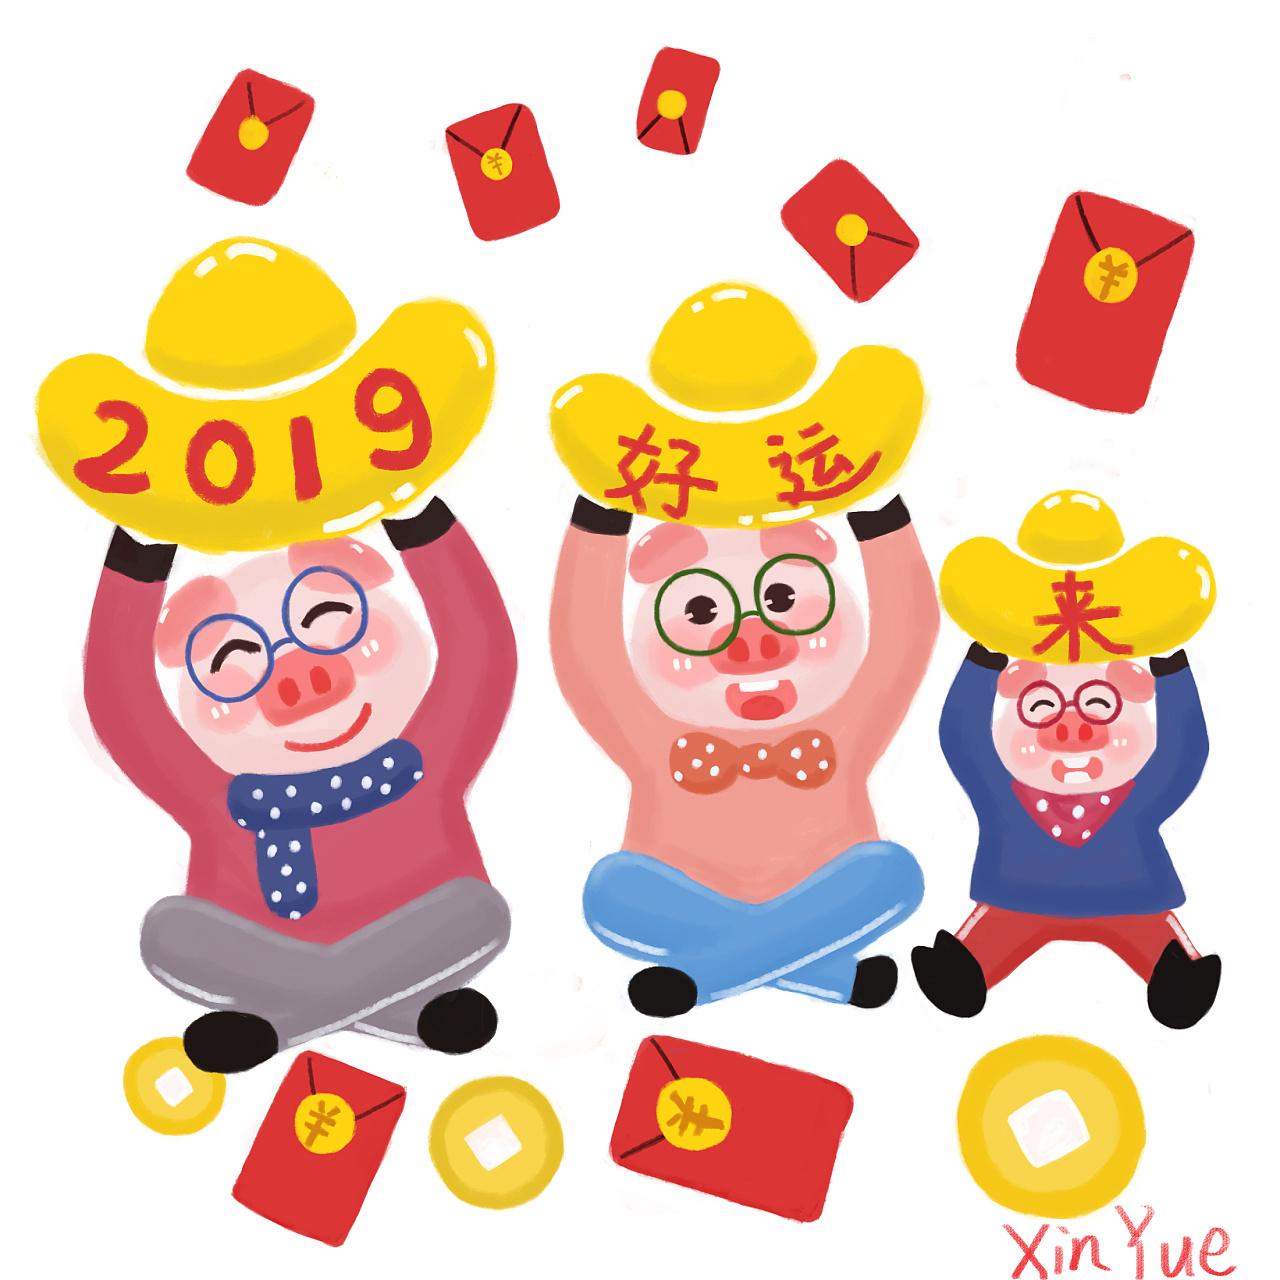 2019猪年春节举好运来元宝的三只小猪图片